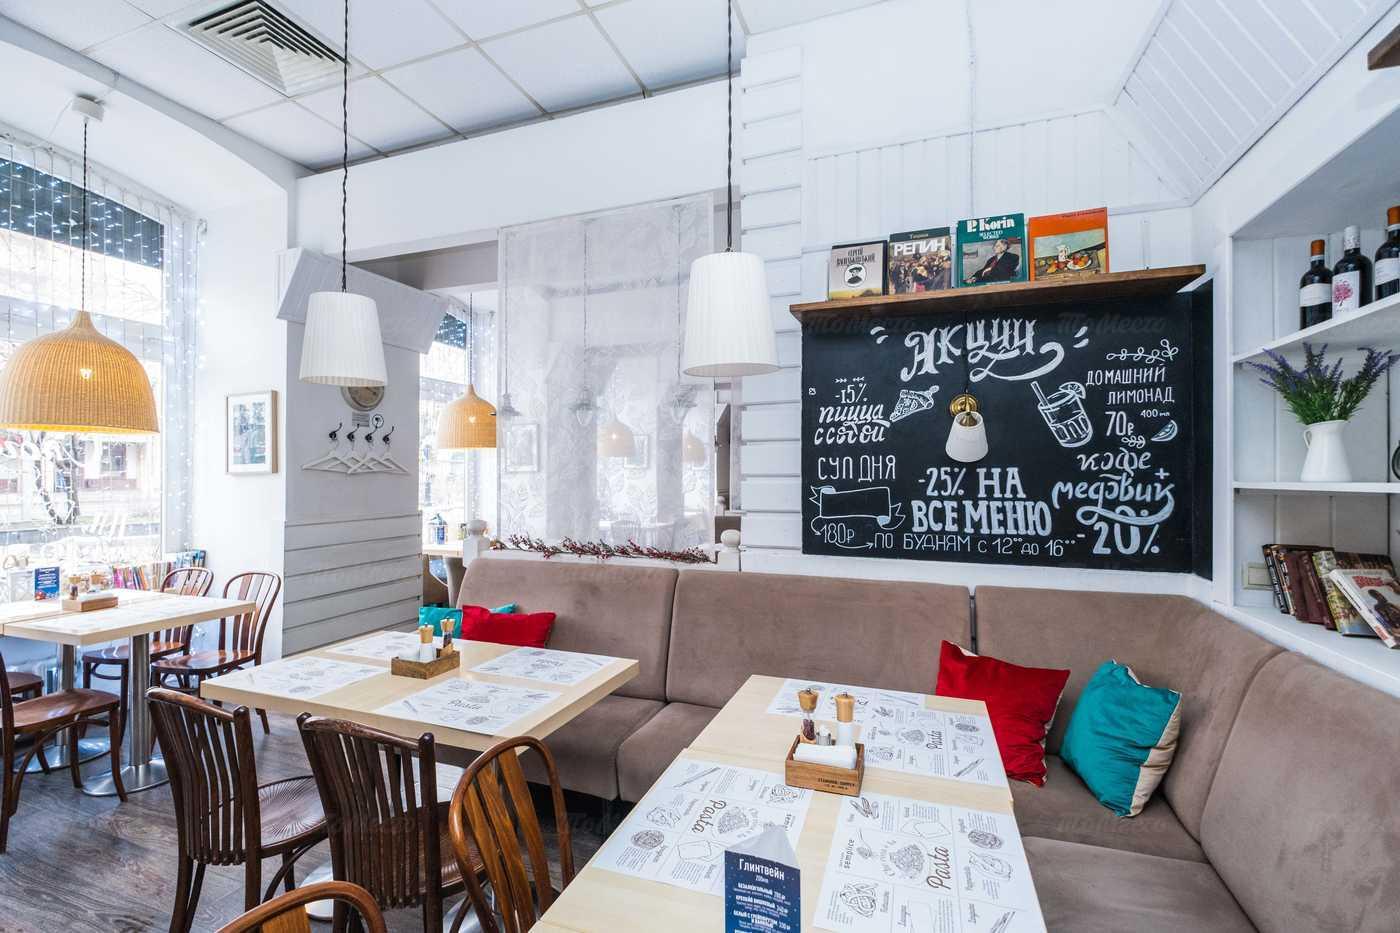 Ресторан Semplice (Траттория Семпличе) на улице Долгоруковской фото 3